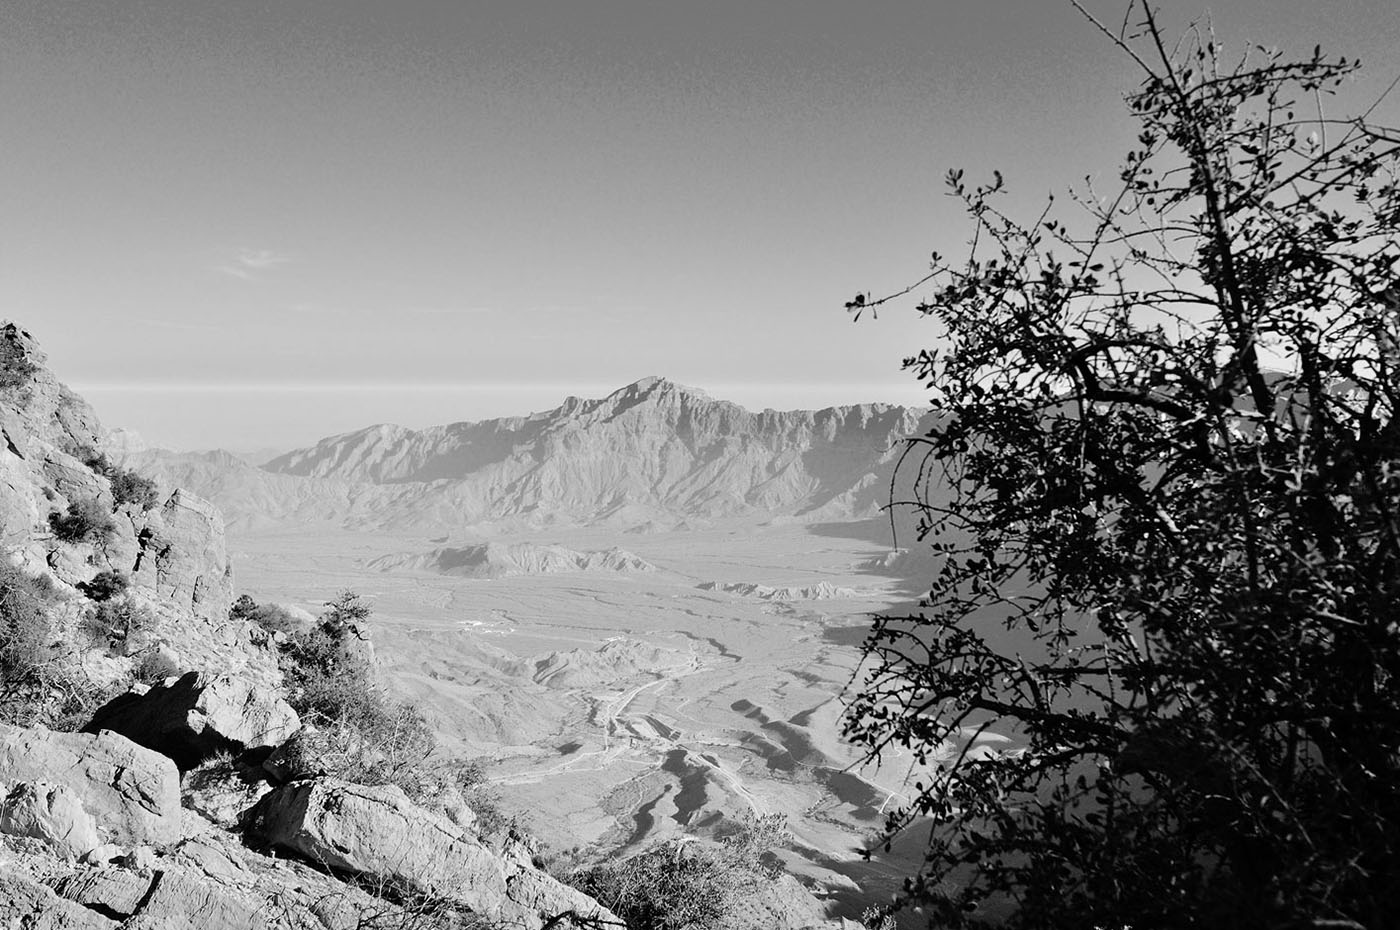 Фотография 7. Оман. Горные пейзажи. 200, F7,1; 1/800 s., экспокоррекция: +0,2.